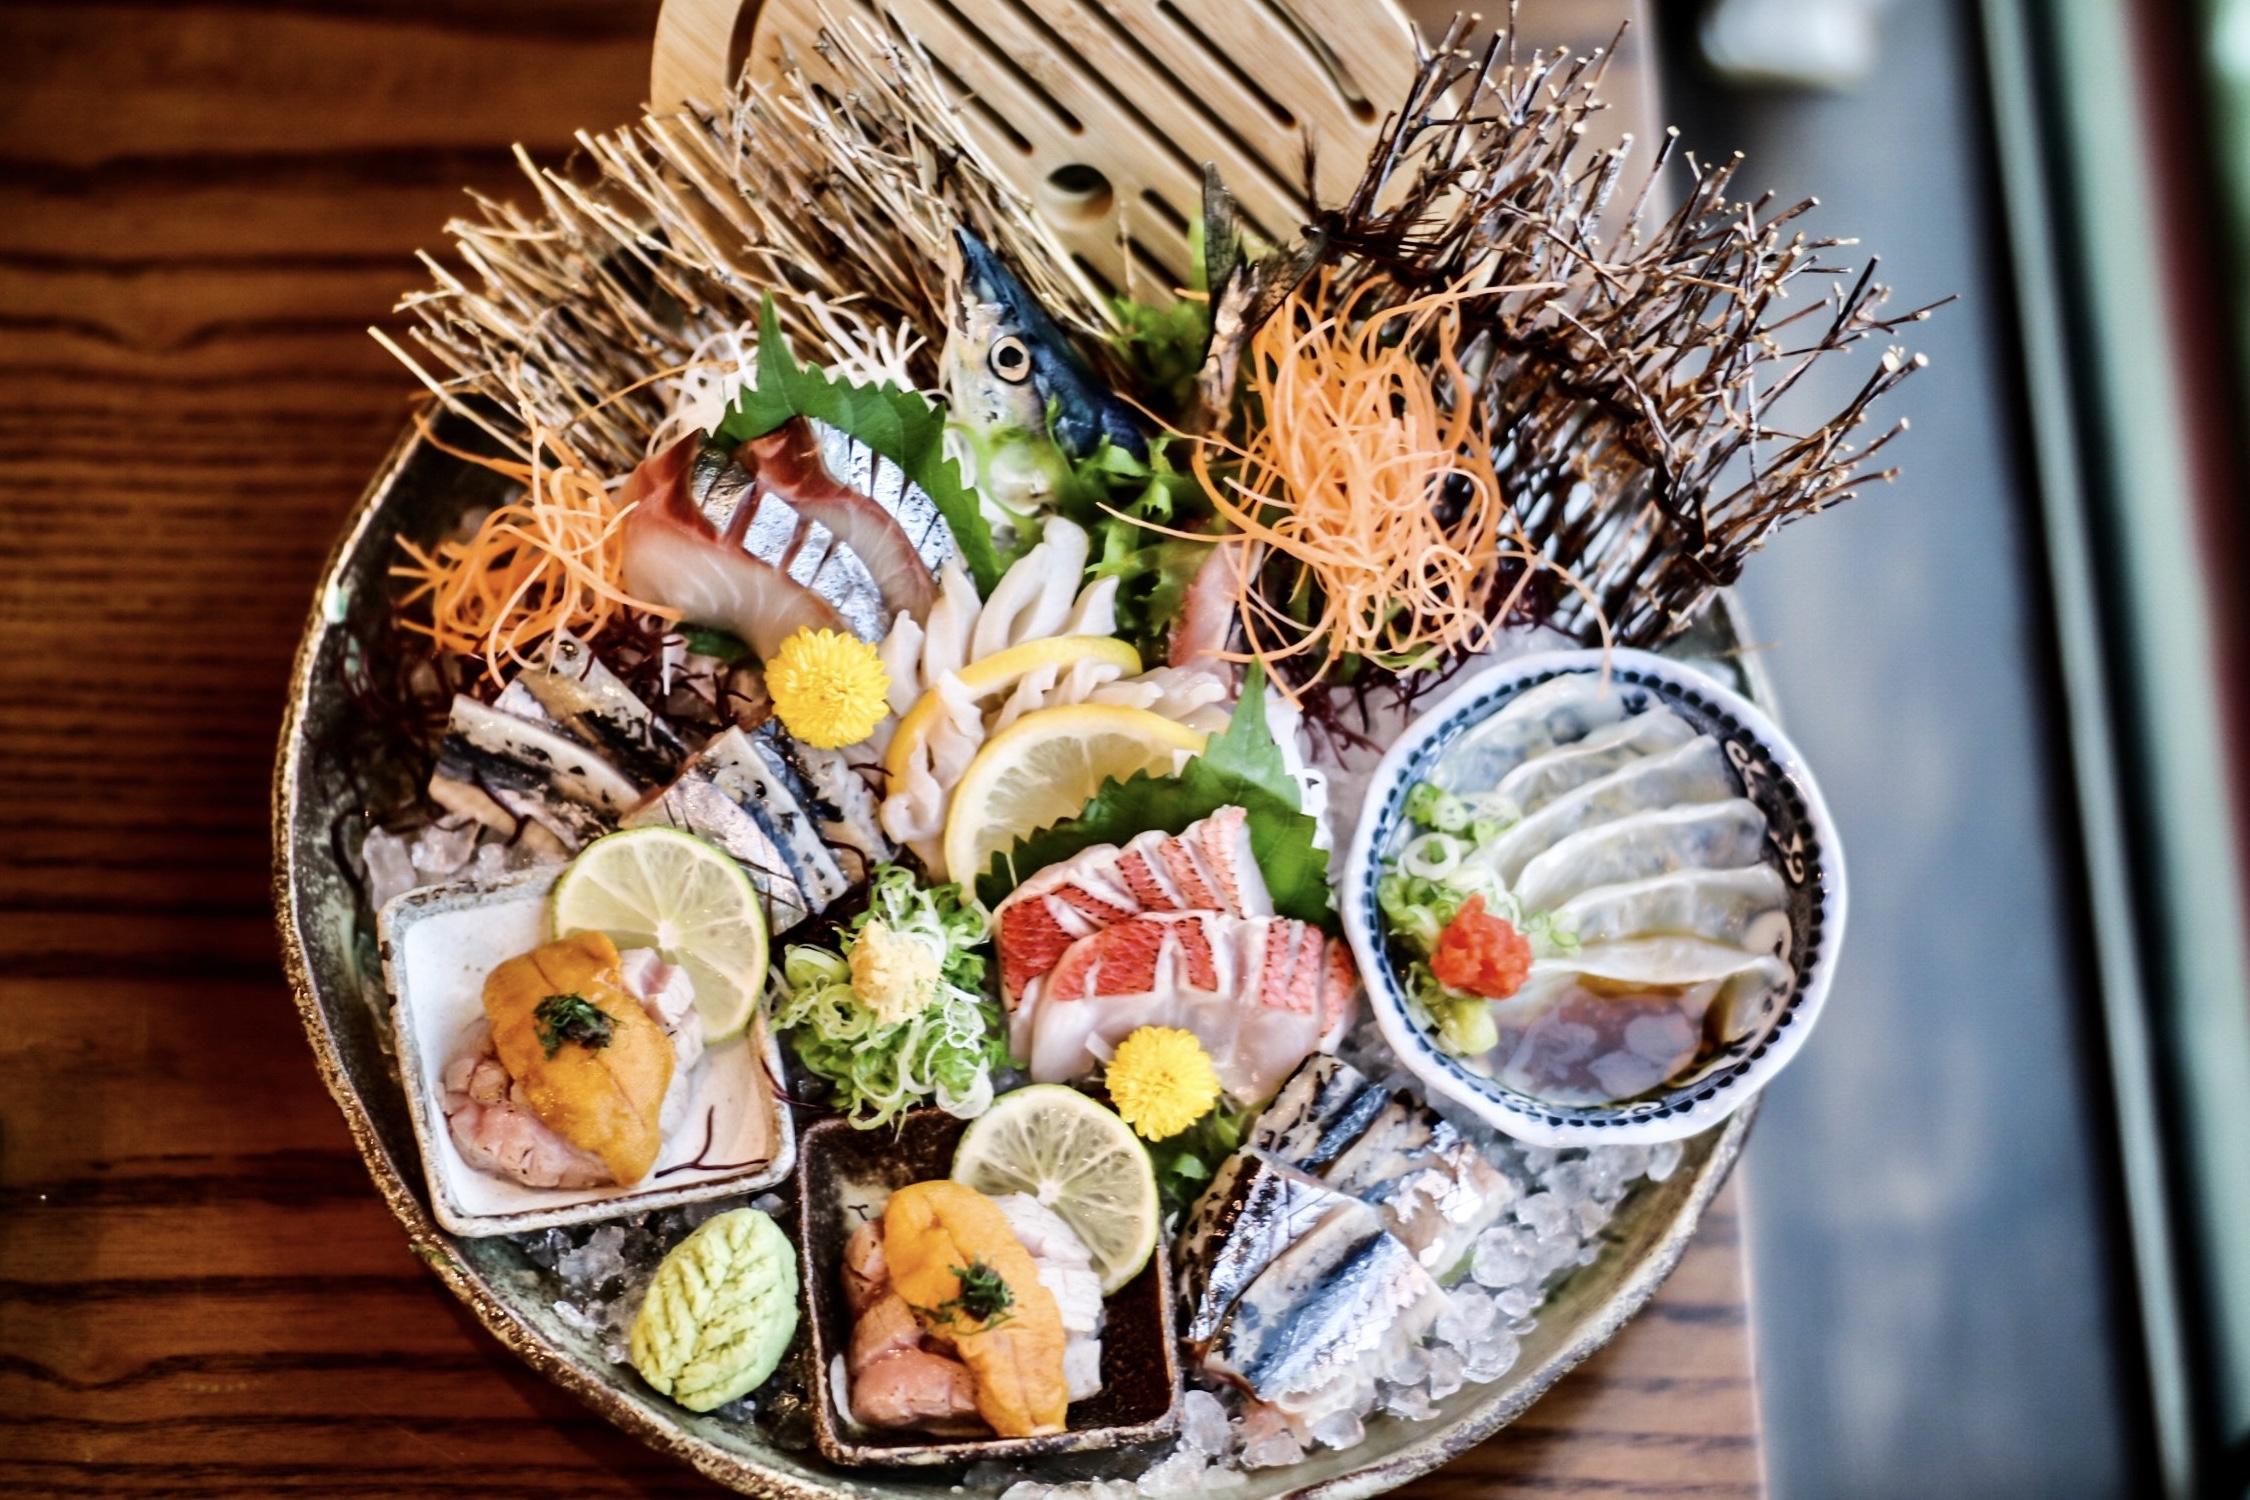 from top left, clockwise: ma-aji, mirugai, hirame, shima aji, o-toro + uni + truffle + kinmedai